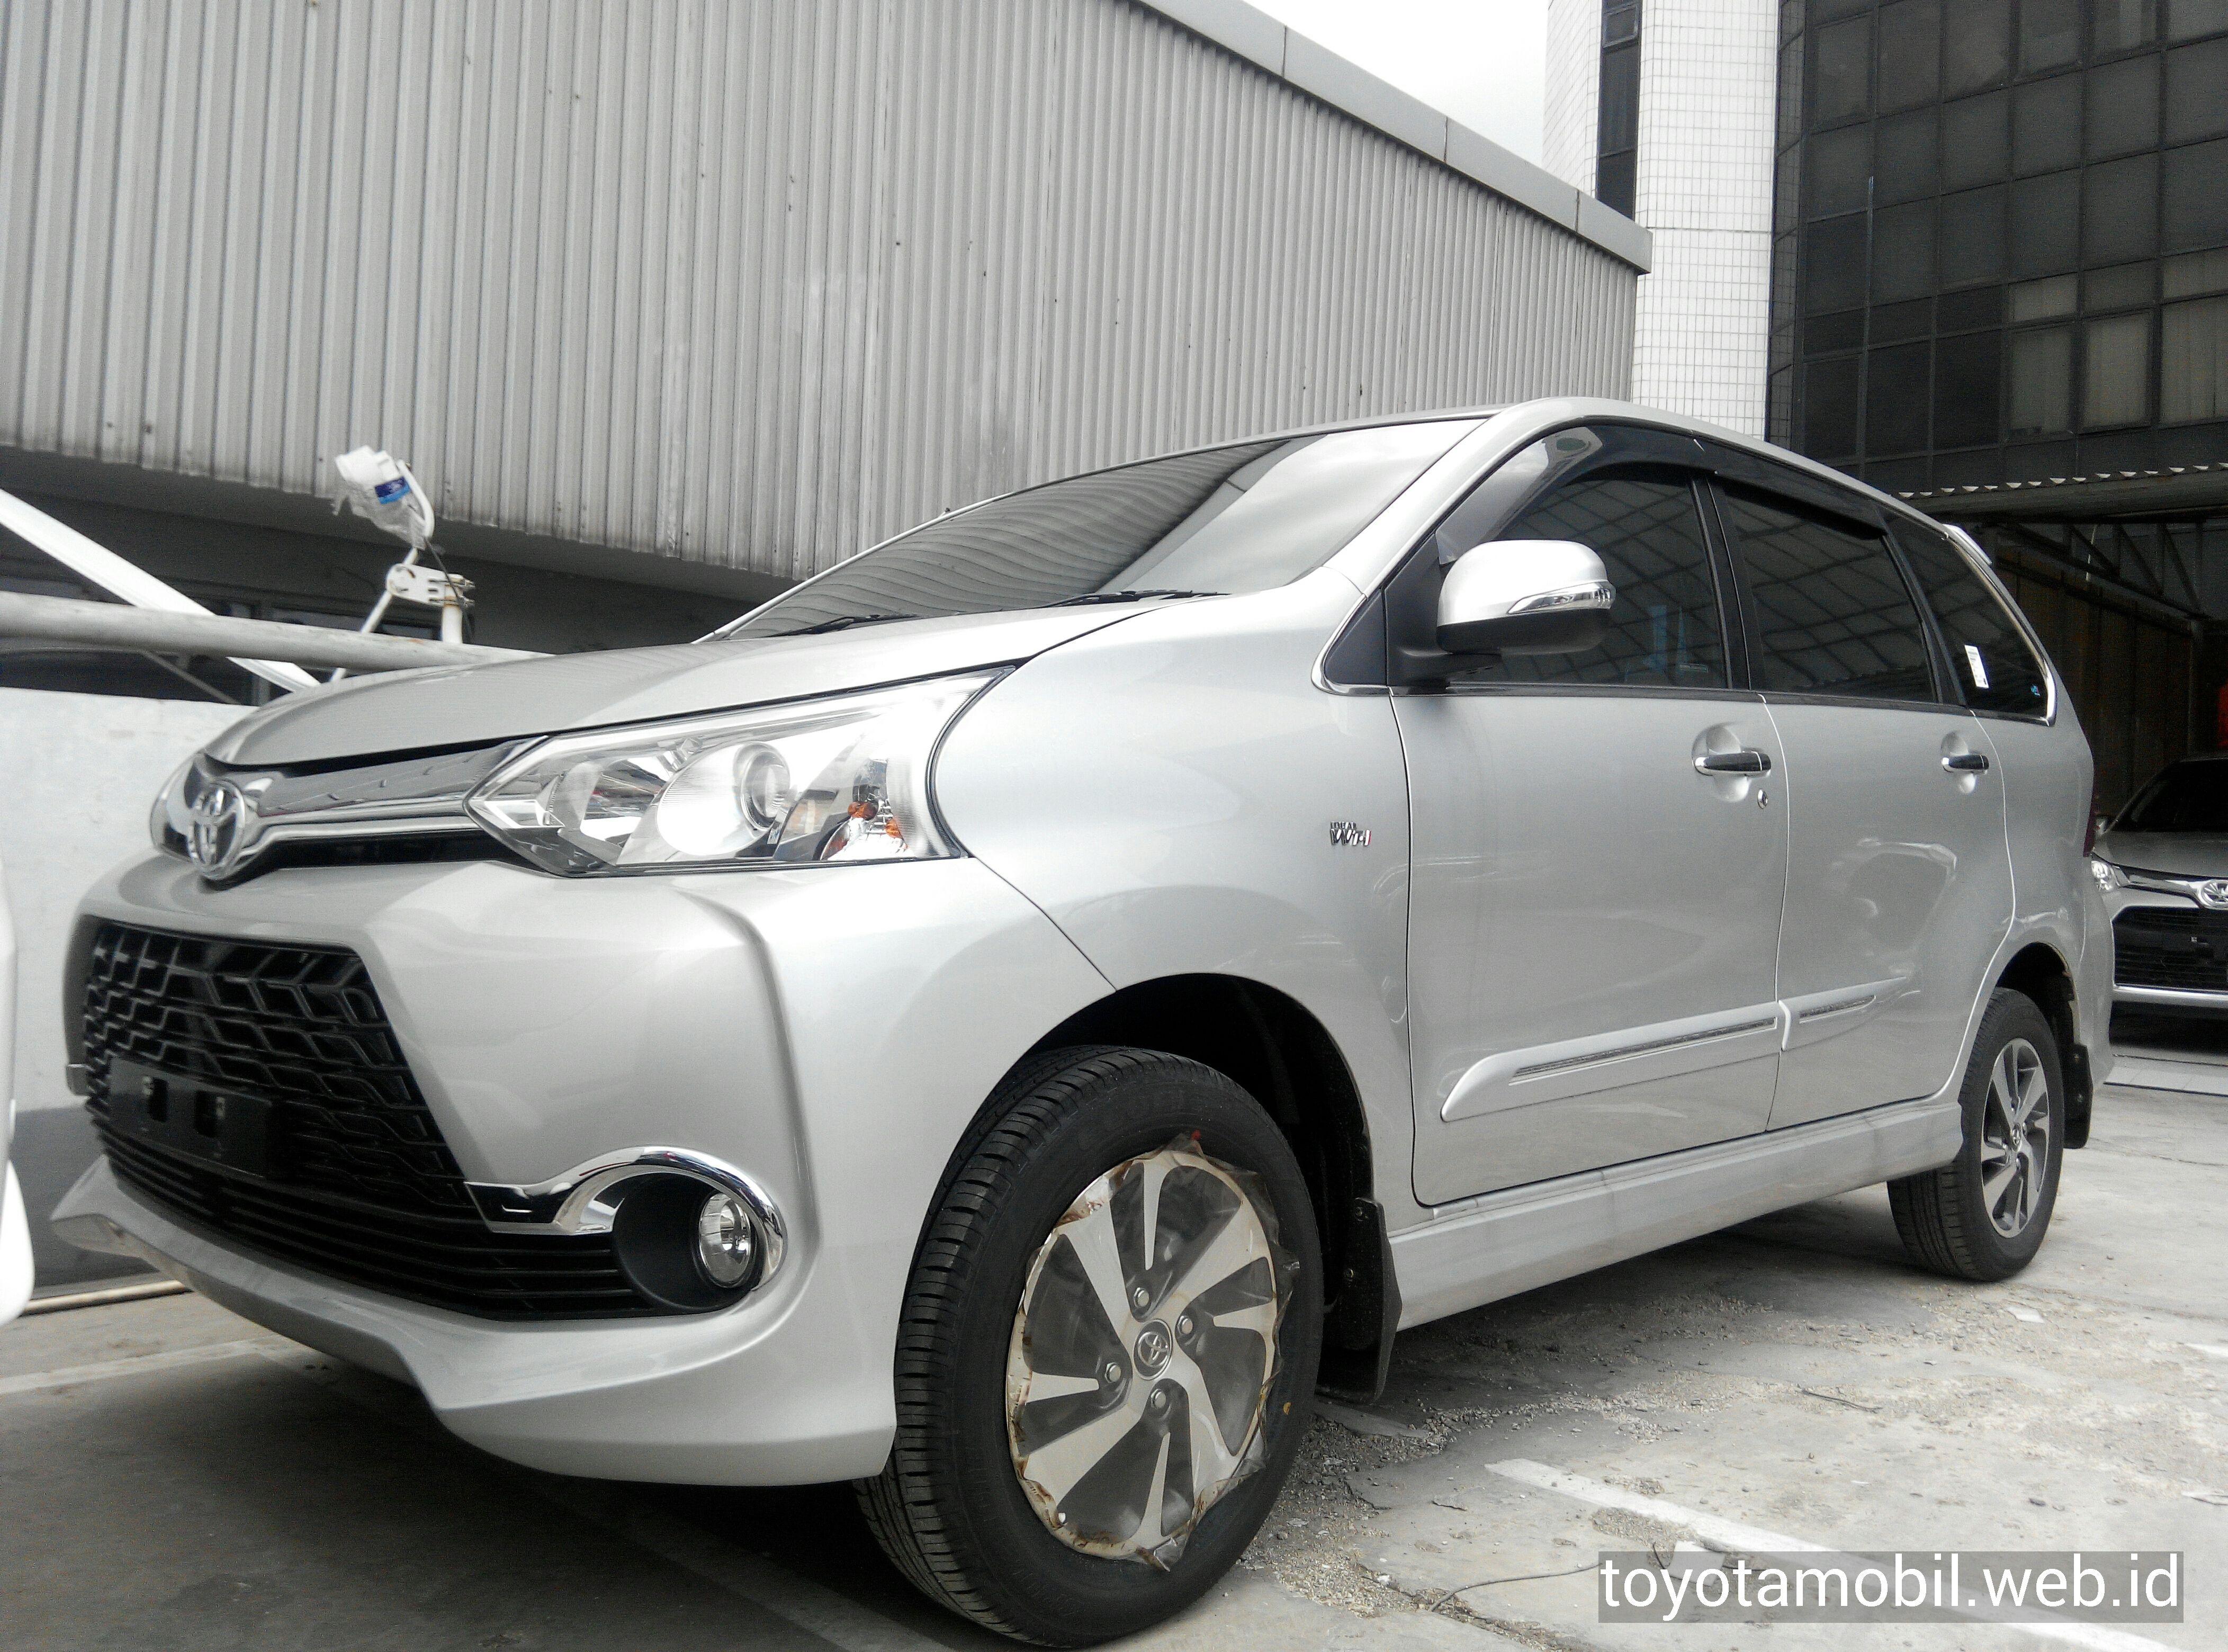 Foto Toyota Avanza Facelift 2018 Ottomania86